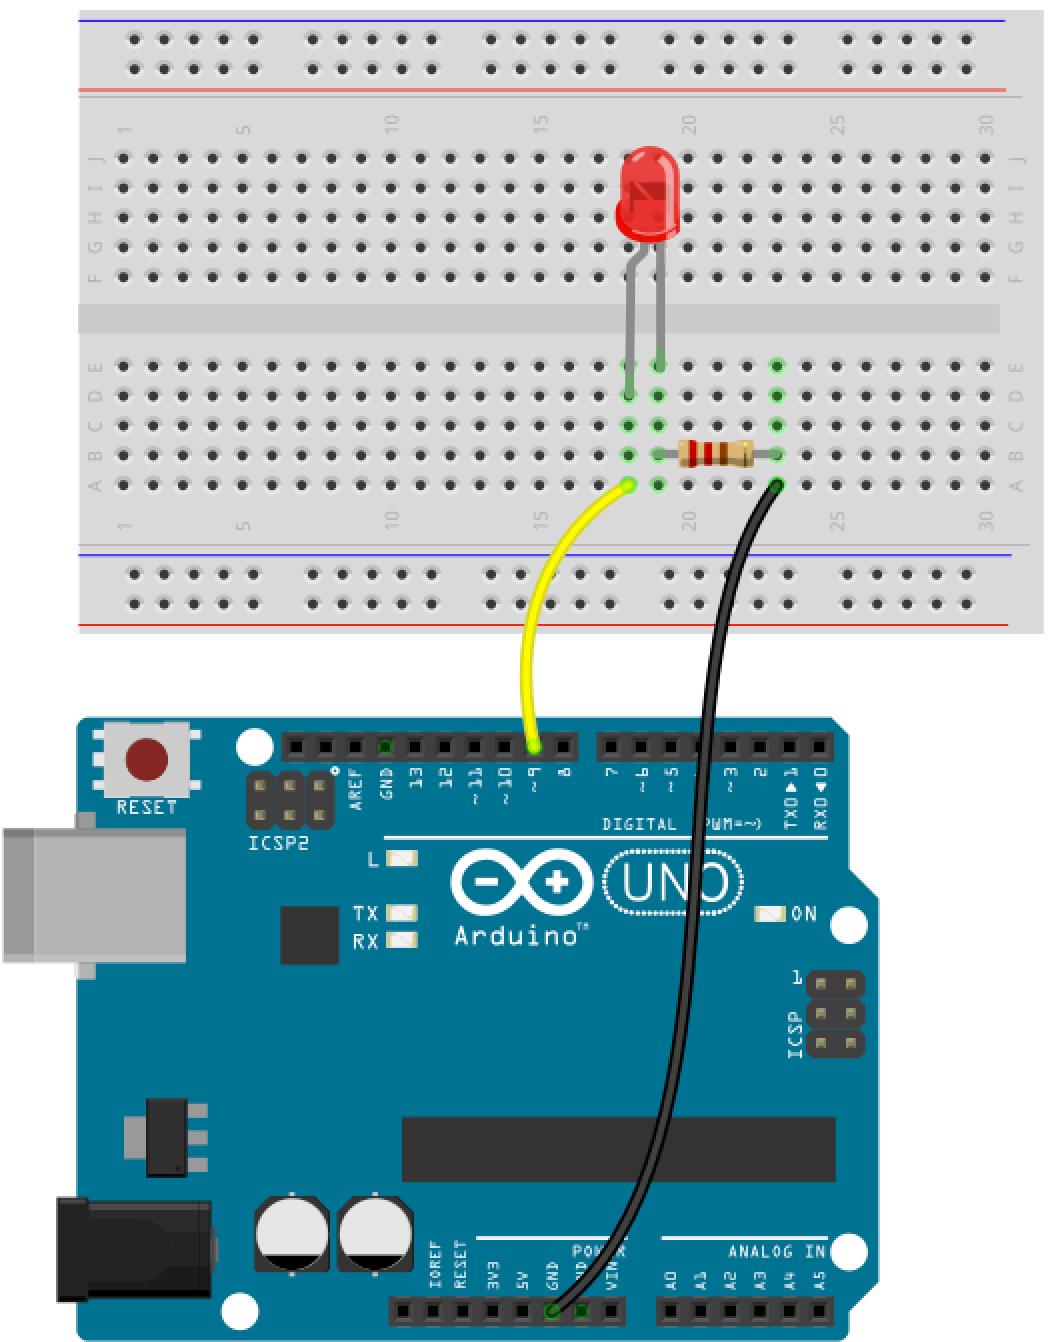 LED an Pin 9